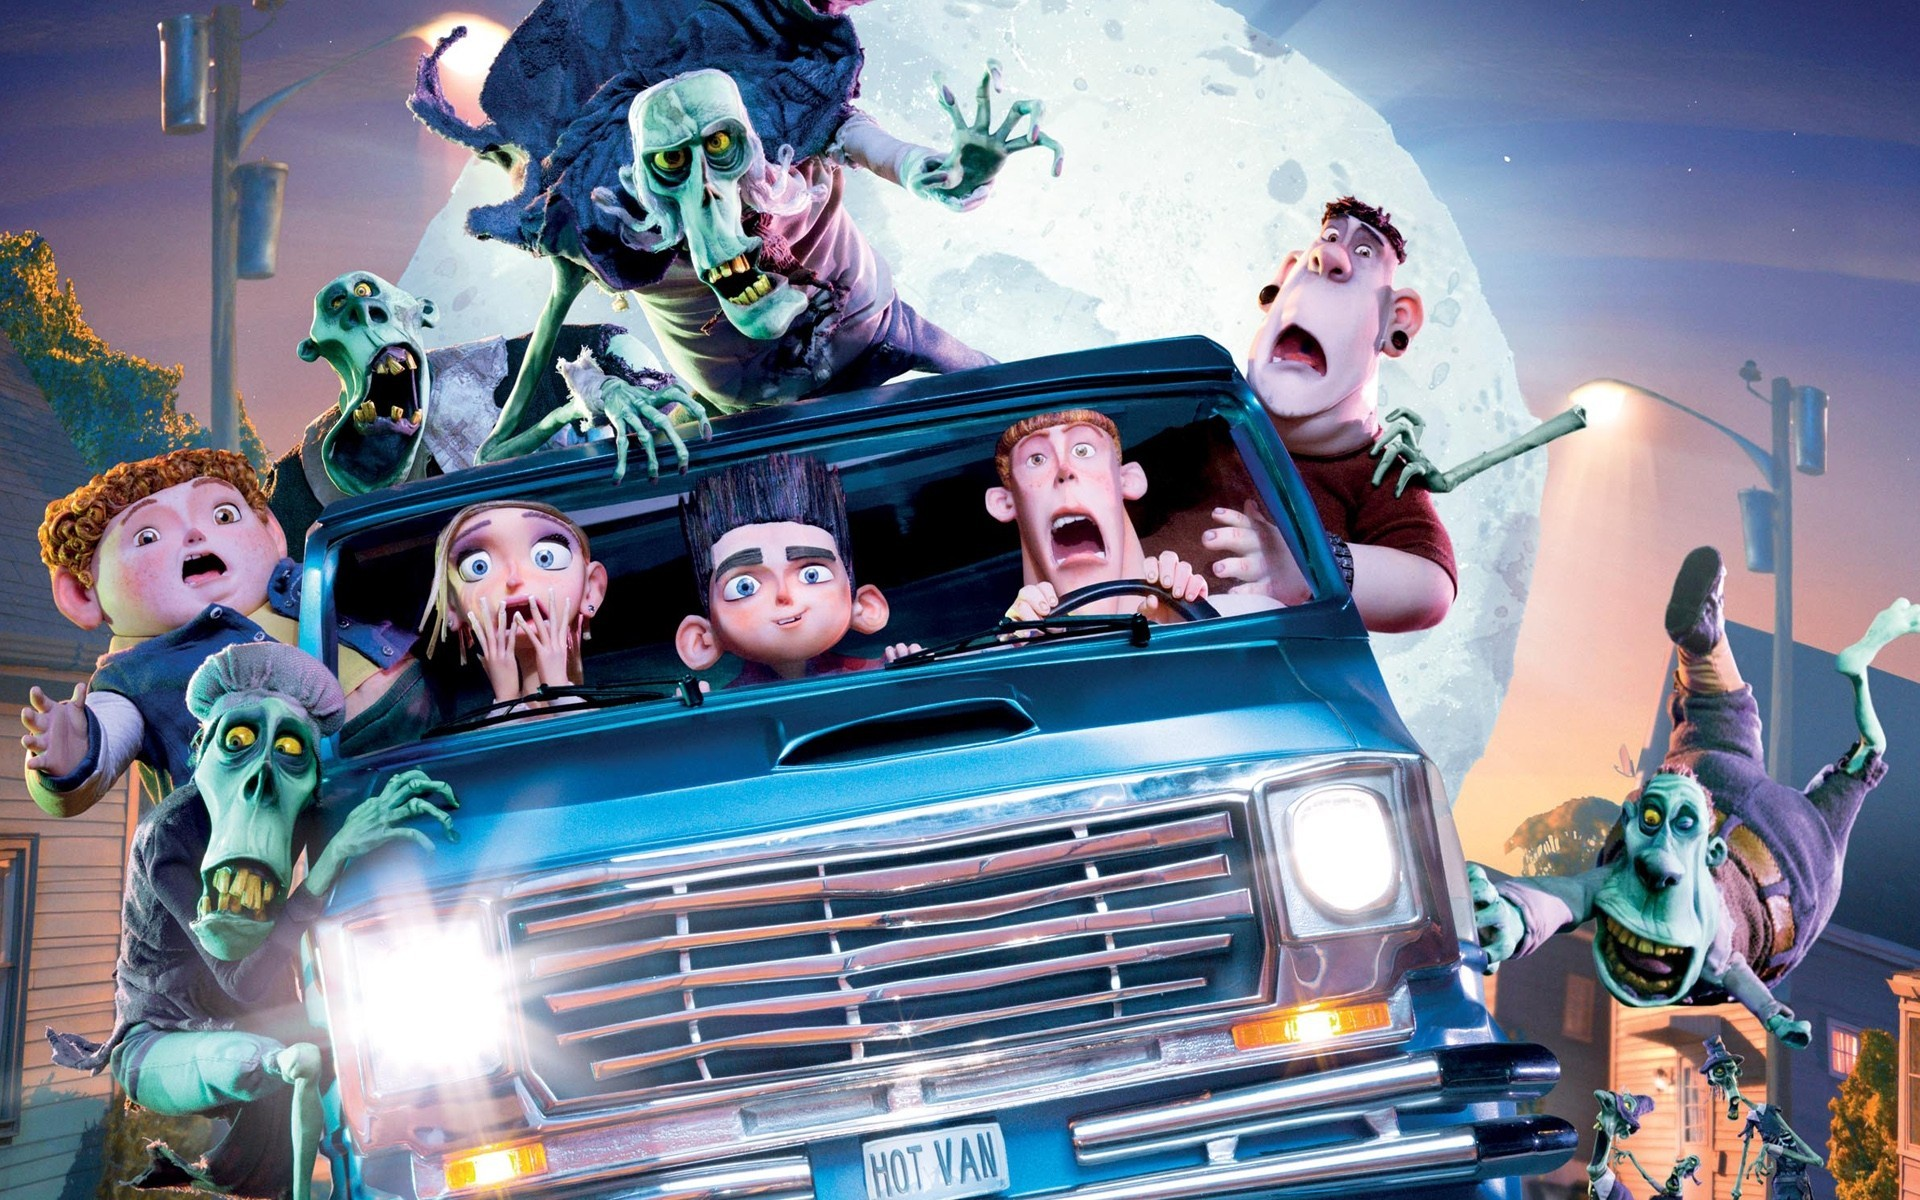 Кадры из фильма мультик паранорман или как приручить зомби смотреть